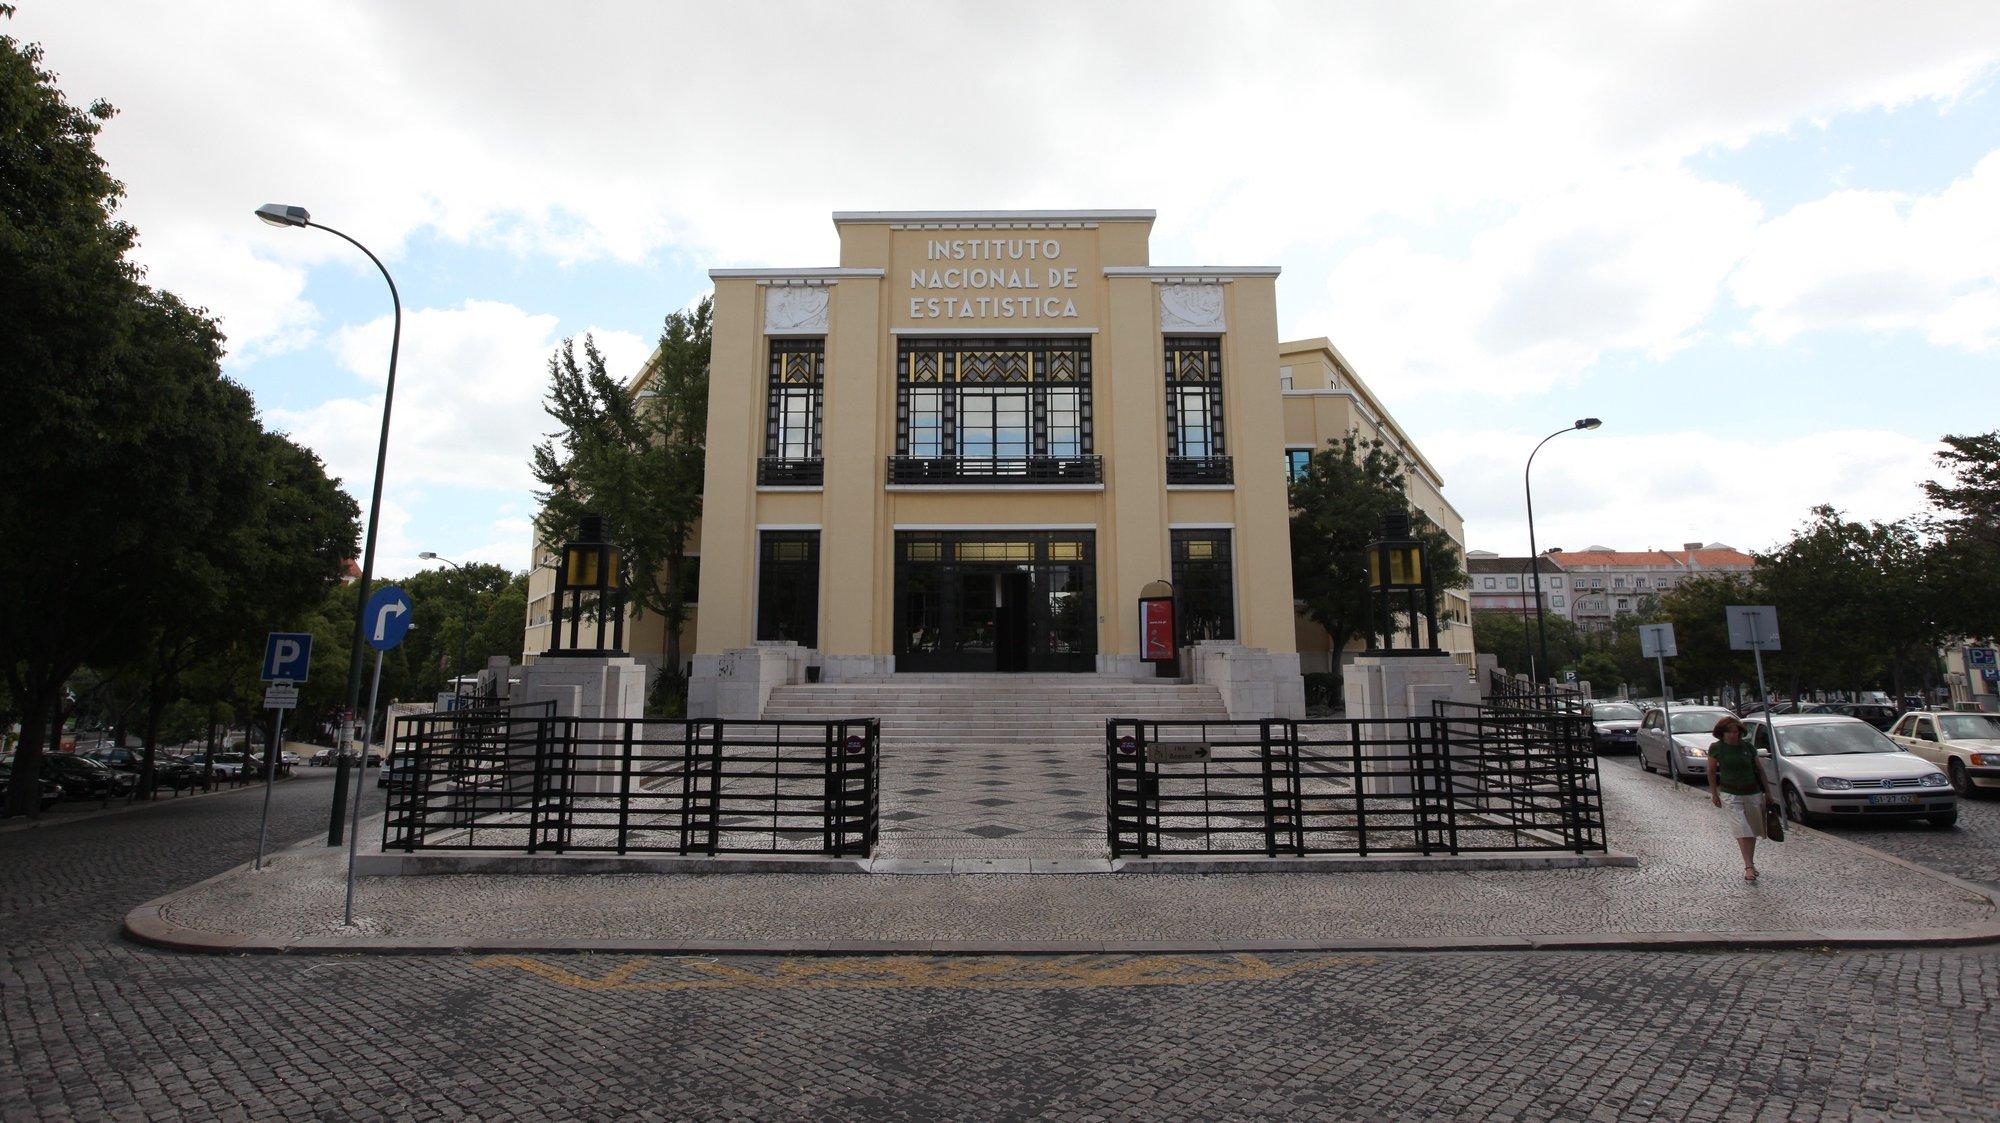 Instituto Nacional de Estatistica (INE) em Lisboa. 17 Julho 2009. MARIO CRUZ/LUSA